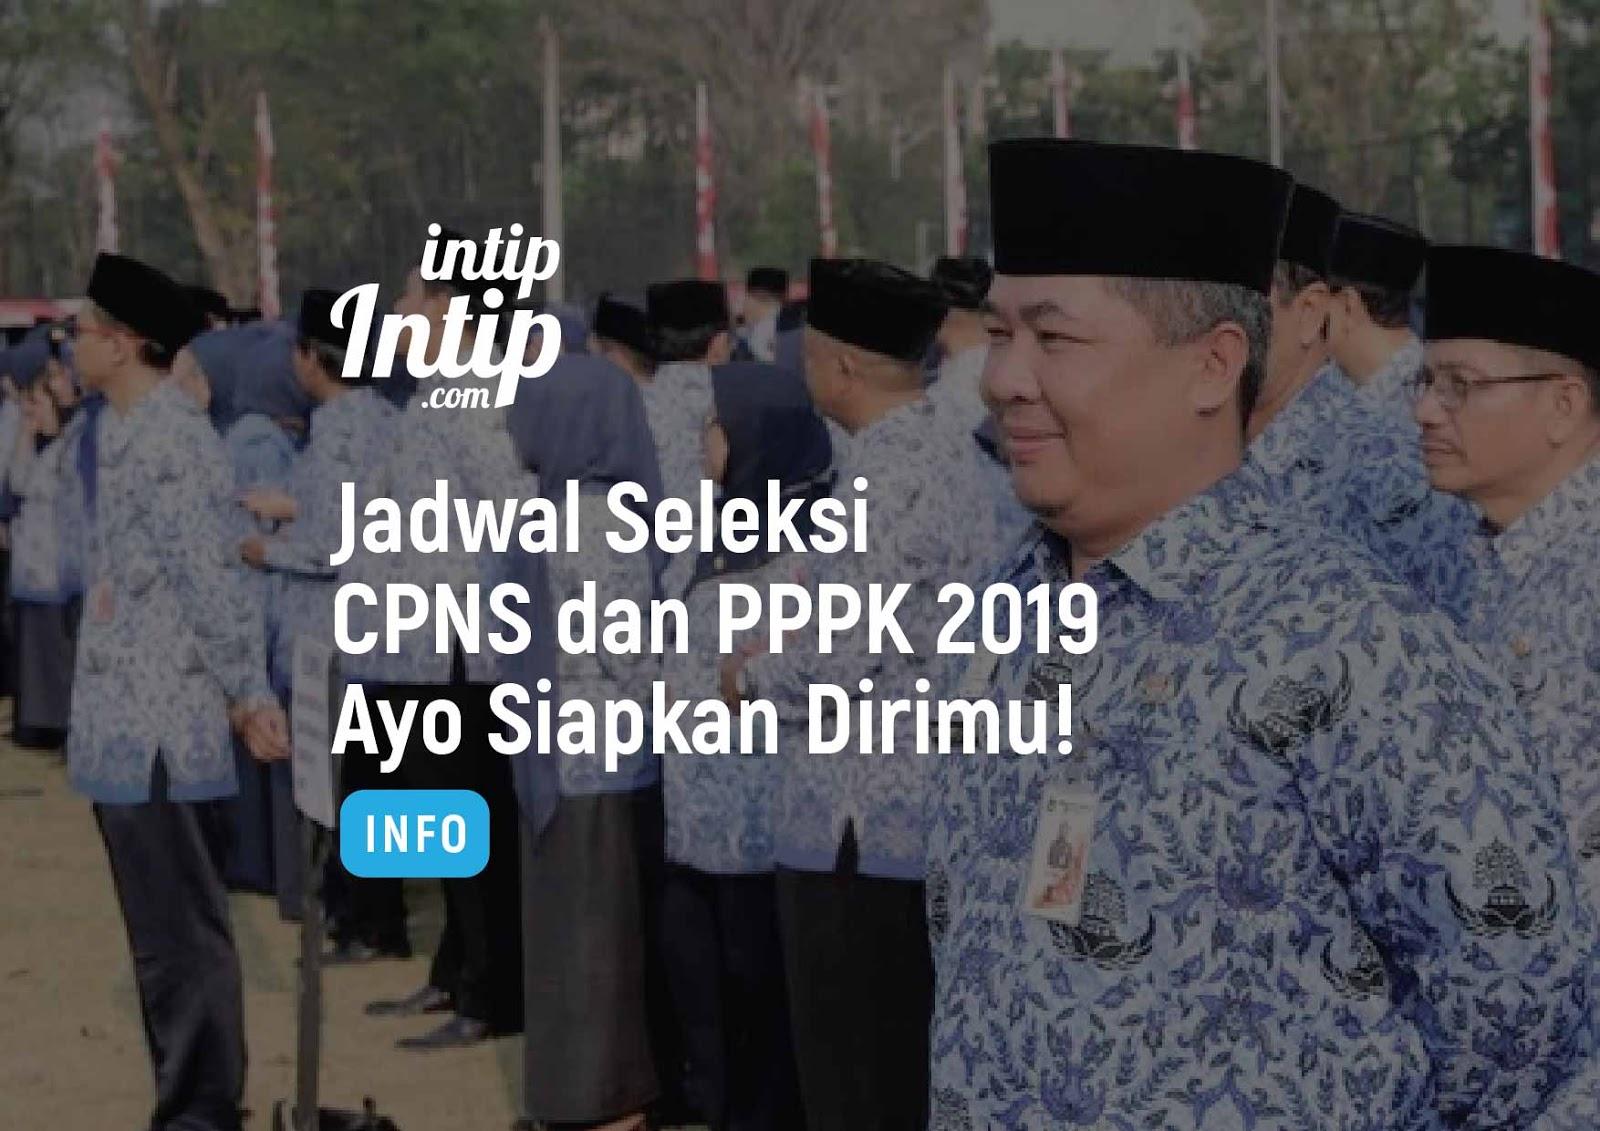 Jadwal Seleksi CPNS dan PPPK 2019